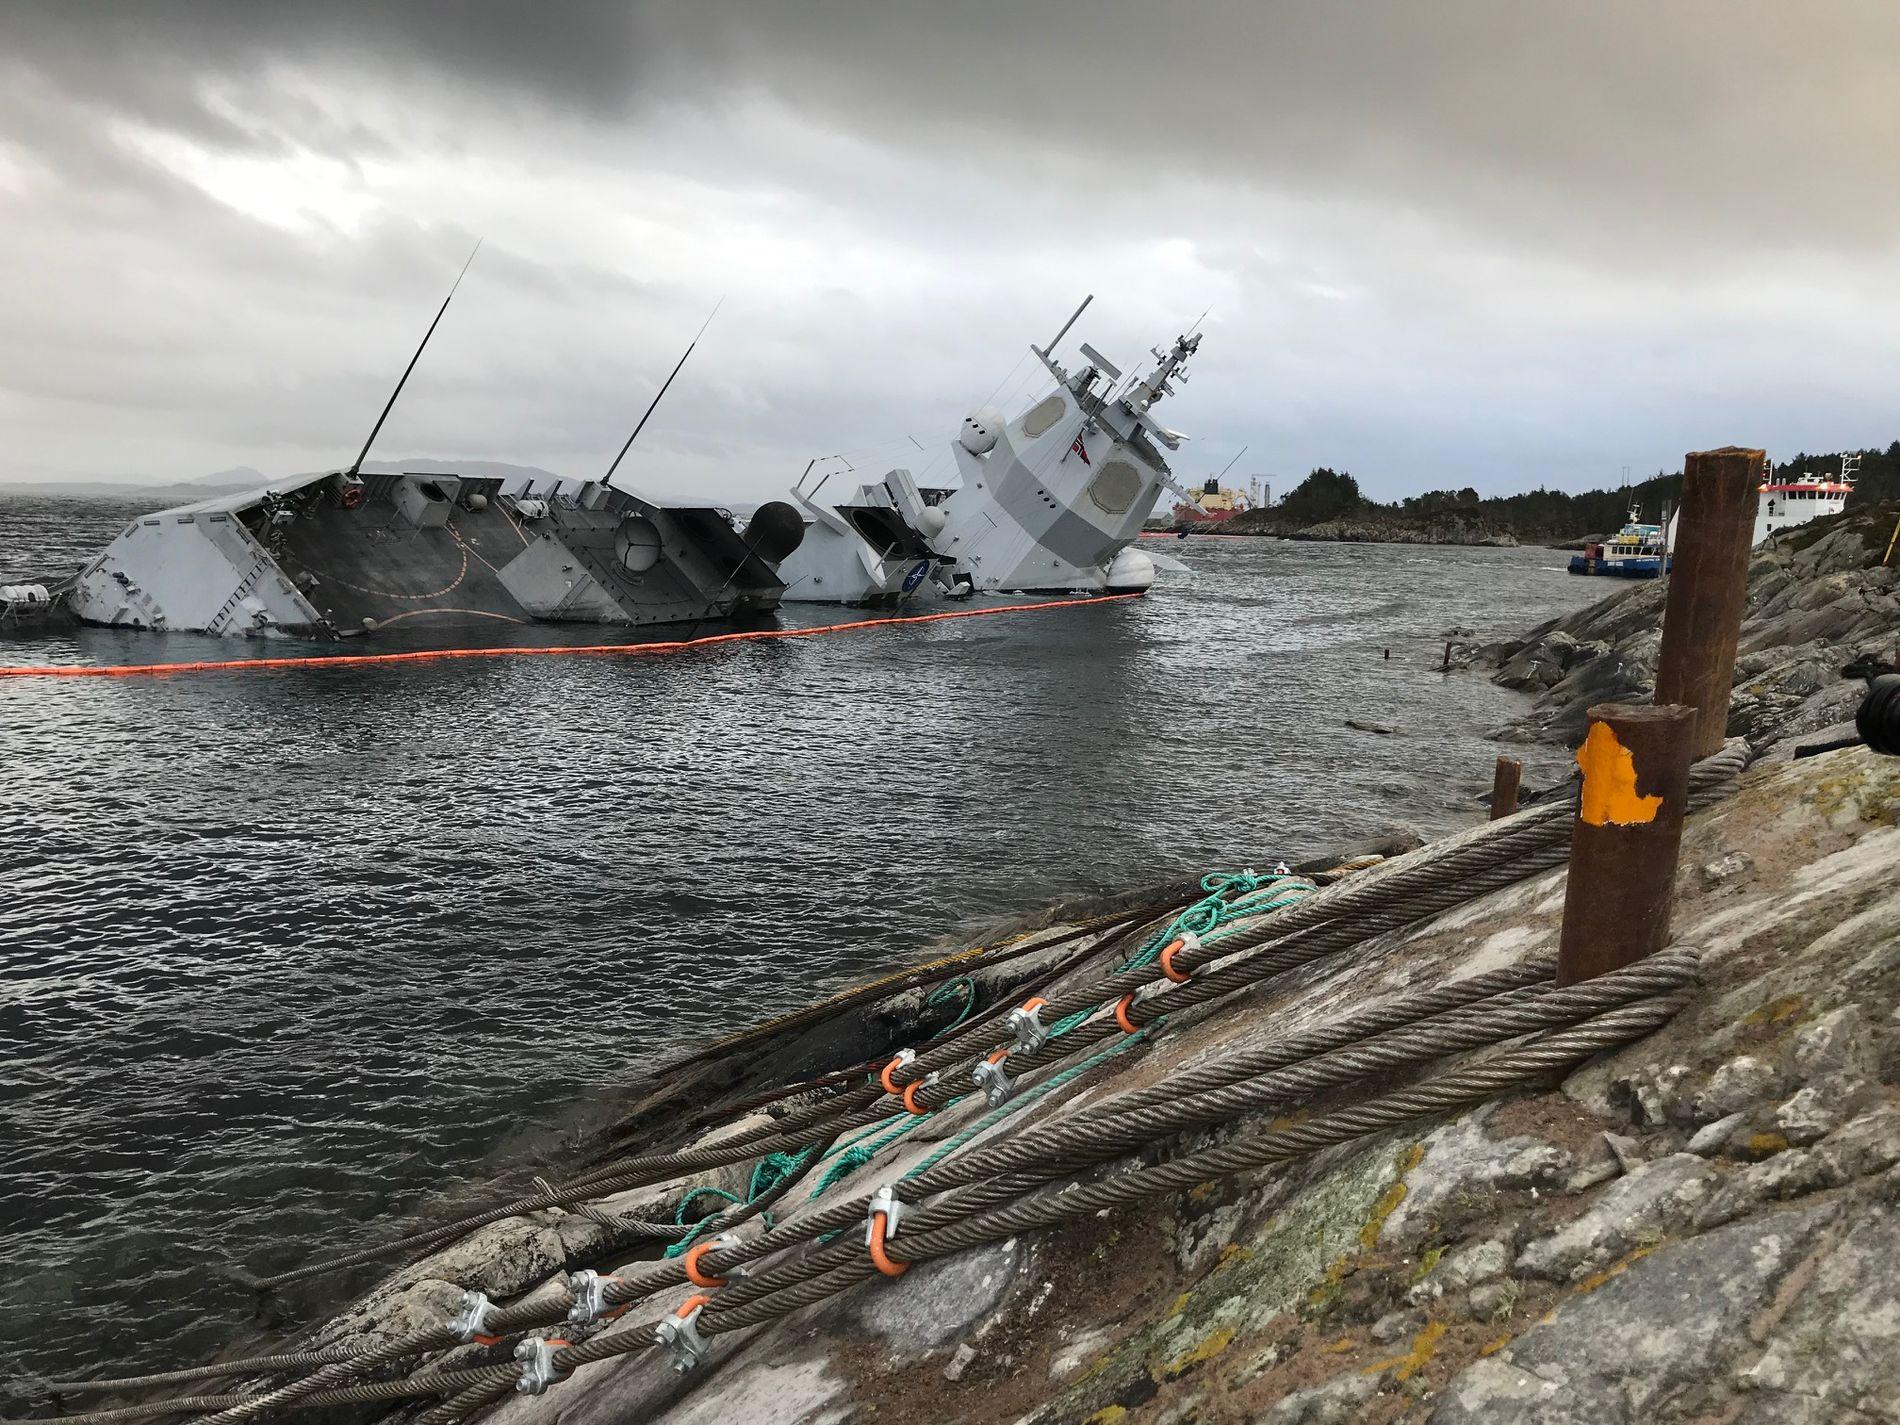 PÅ GRUNN: «Helge Ingstad» ved skadestedet i Øygarden.